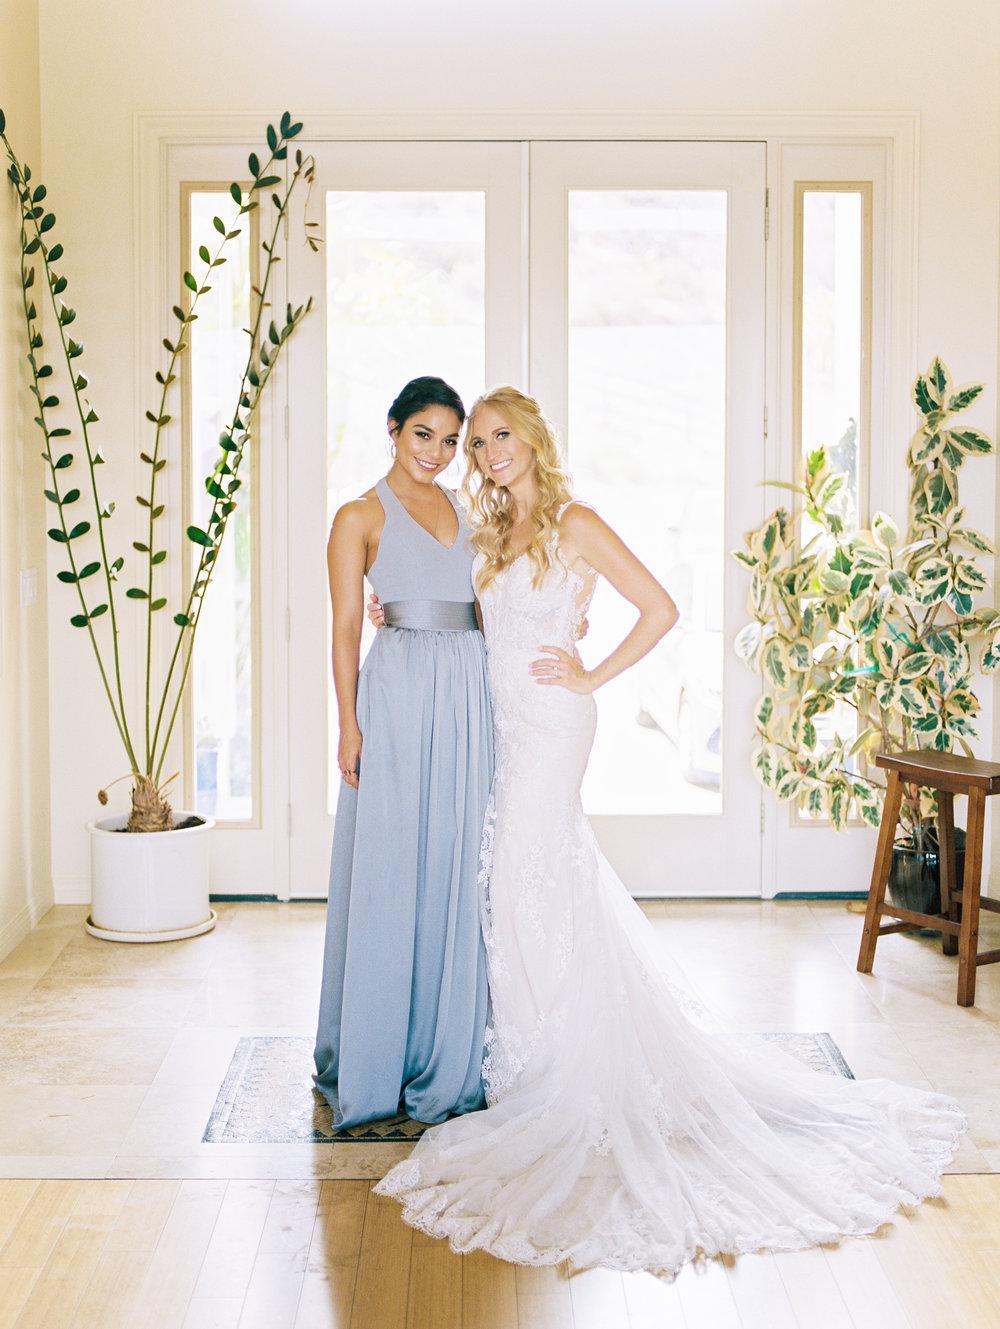 dennisroycoronel_ashleyanthony_vanessahudgens_austinbutler_wedding_losangeles_photographer-59.jpg